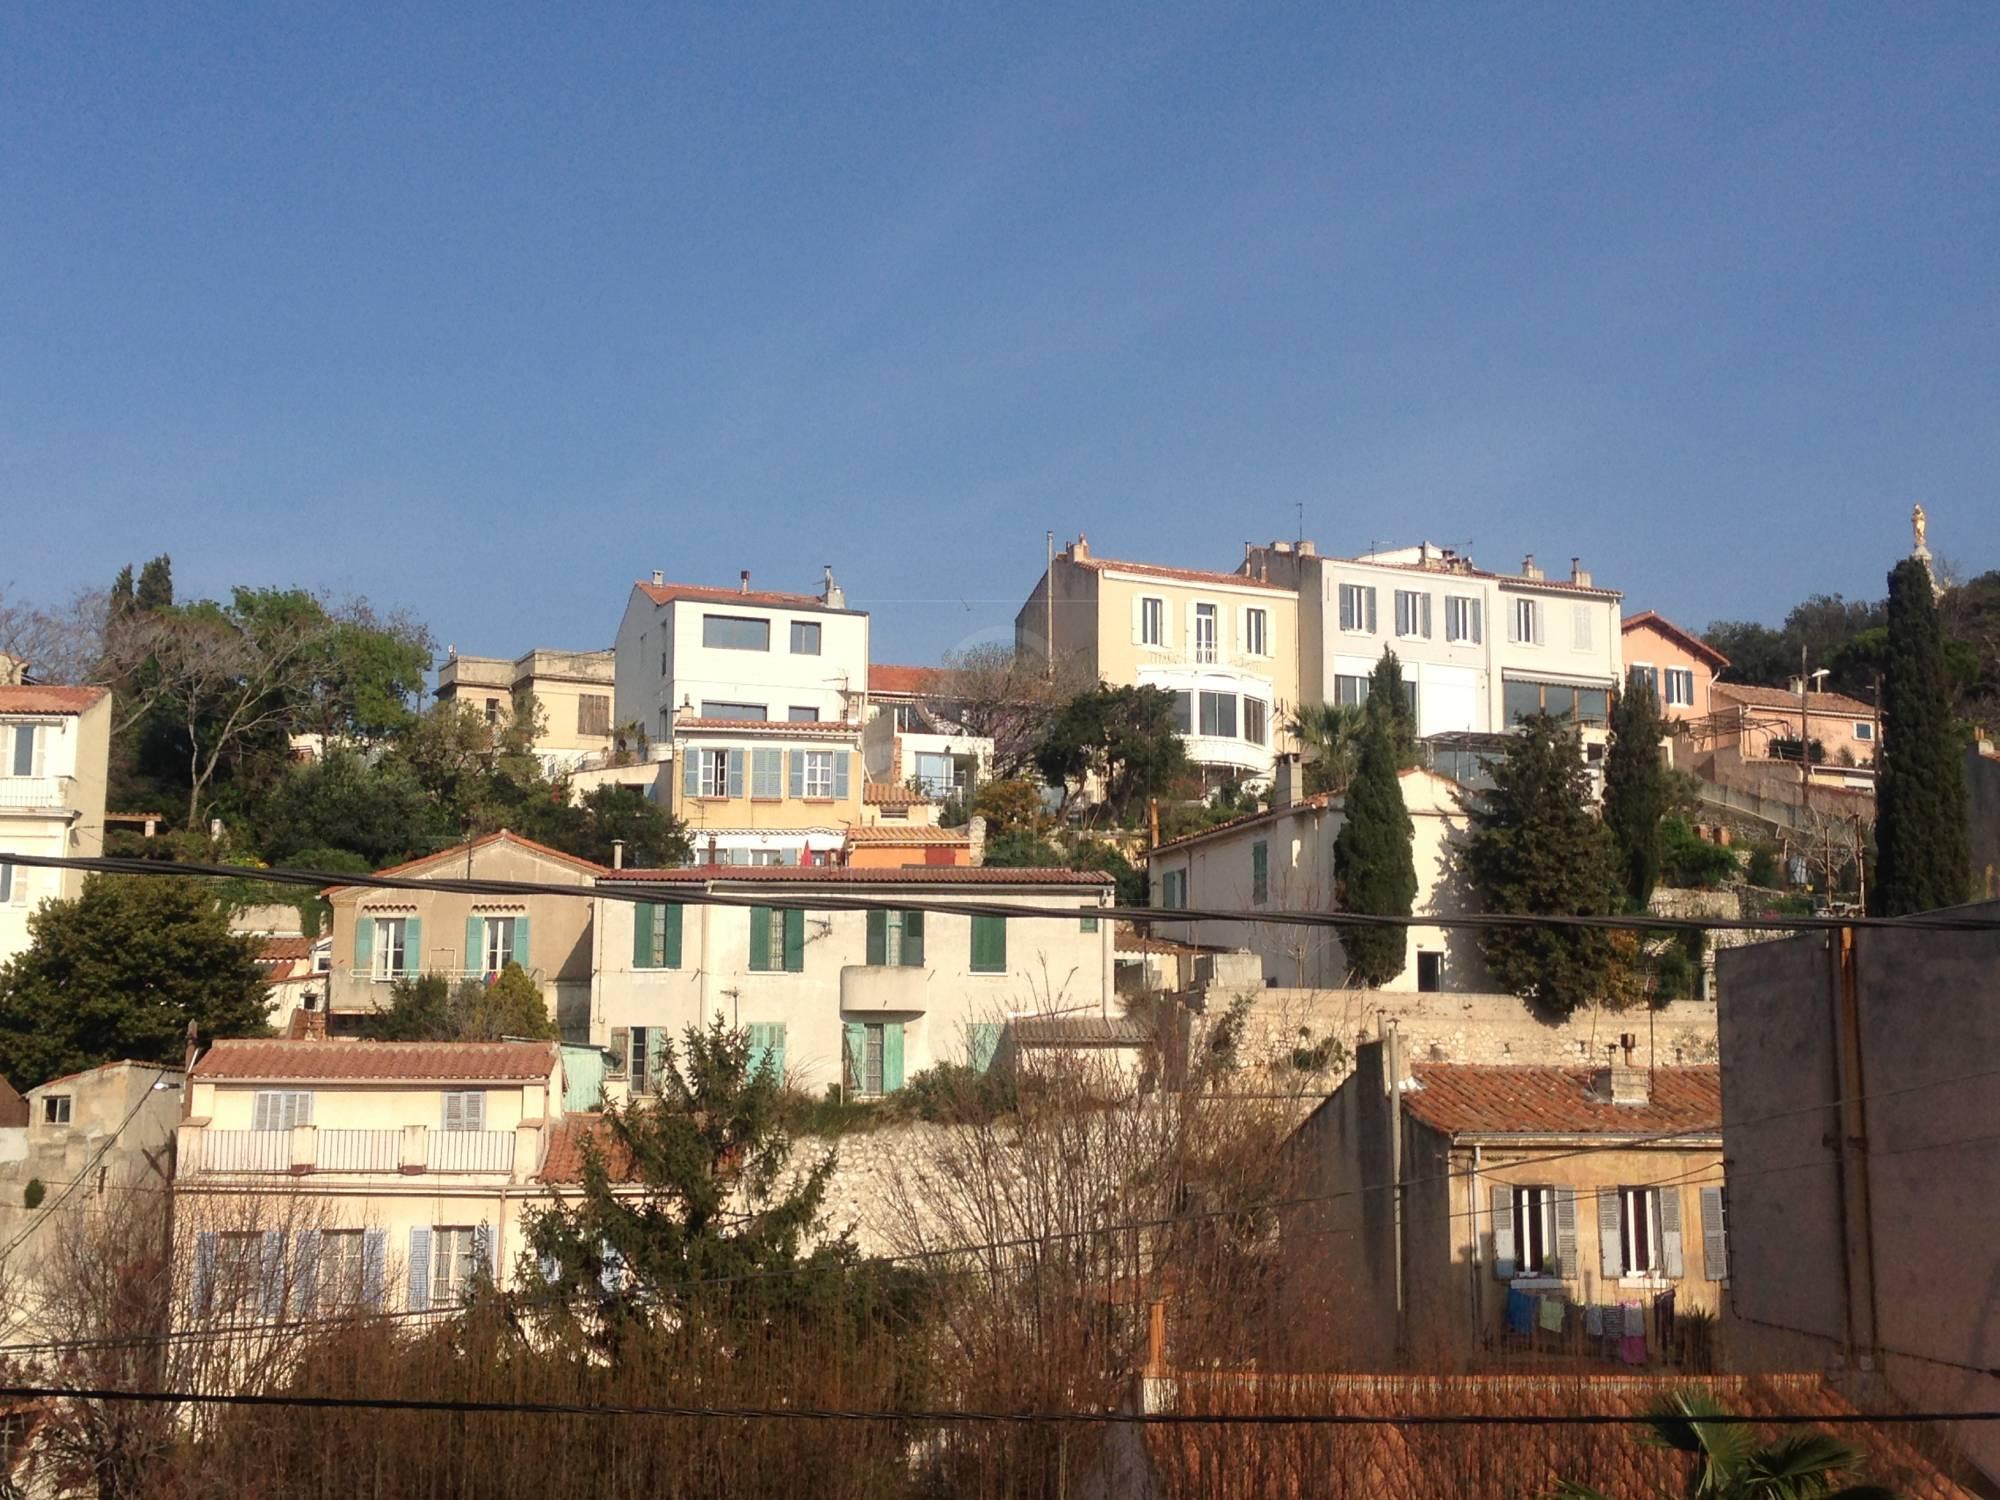 Vente maison t2 f2 marseille 7eme endoume terrasse vue for Terrasse marseille vente